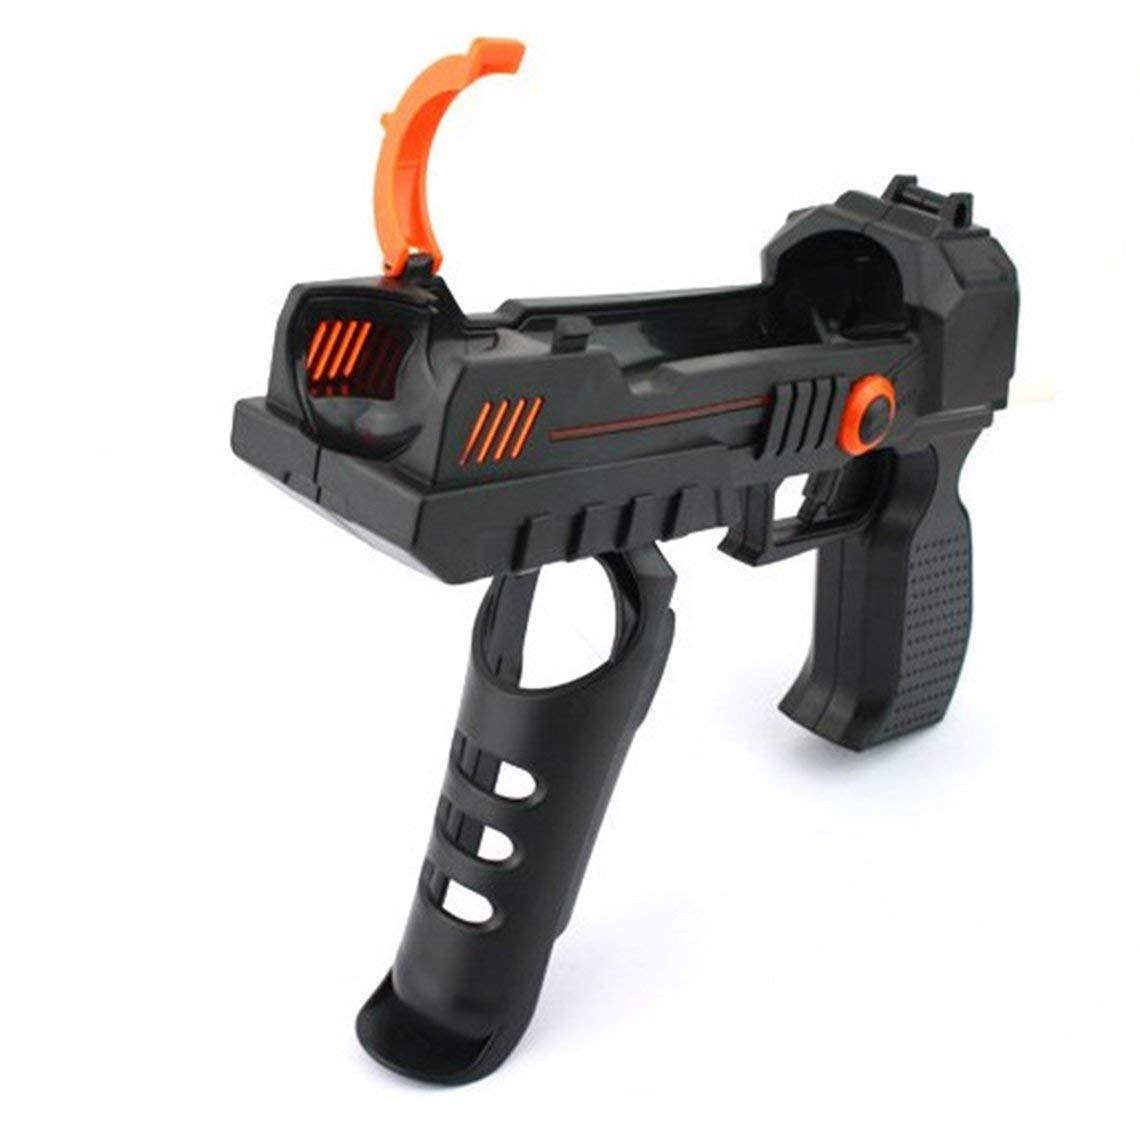 Zinniaya 2 en 1 Exquis Move Sharp Shooter Pistolet Motion Controller Attachment Nav pour PS3 pour PS4 VR Accessoires de Jeux